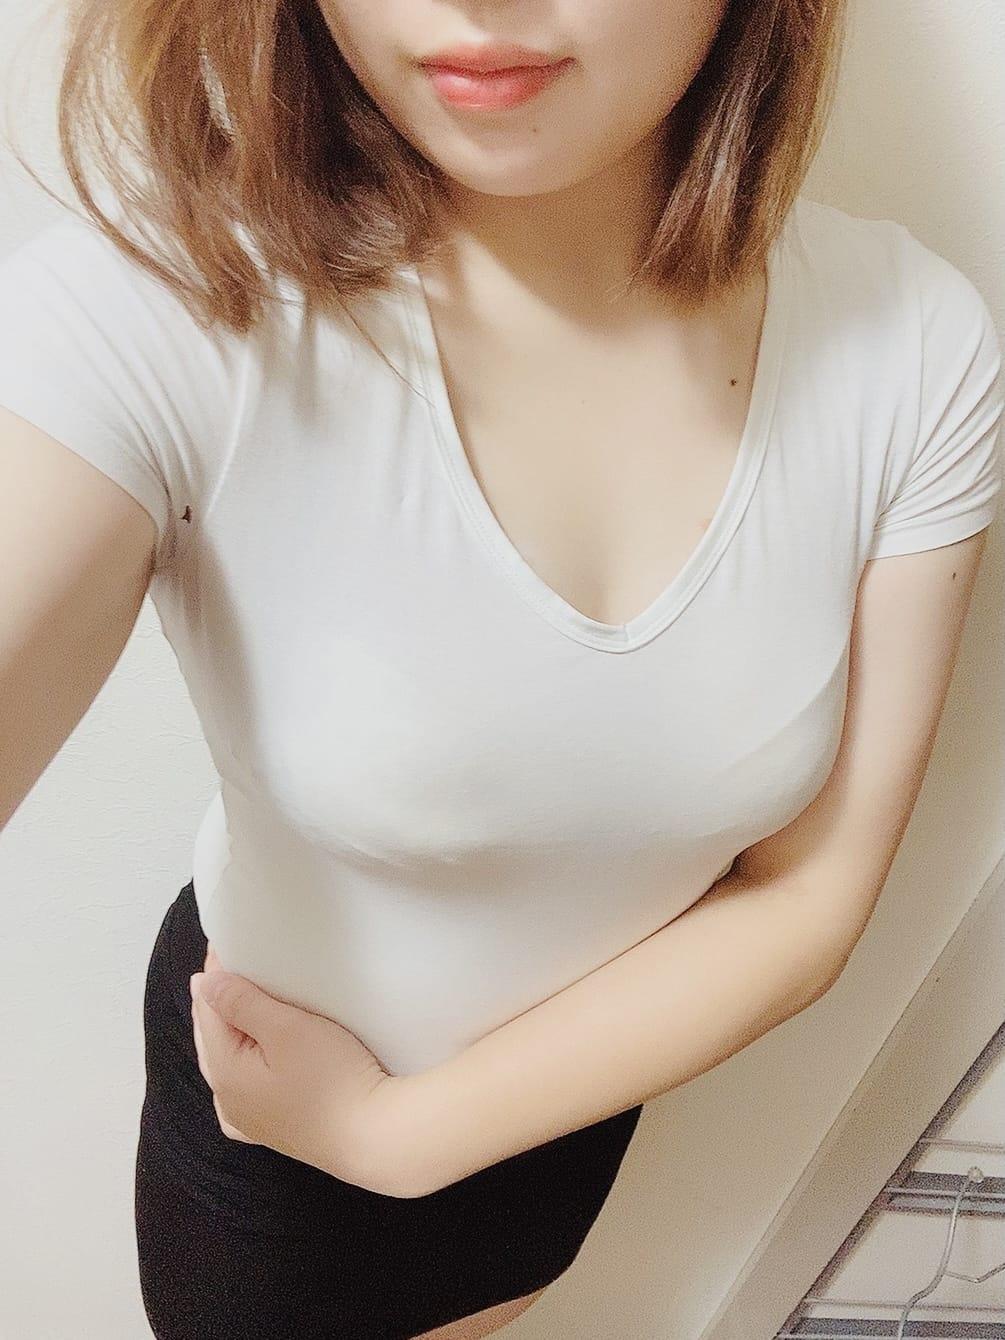 かほ | 彩-saya-